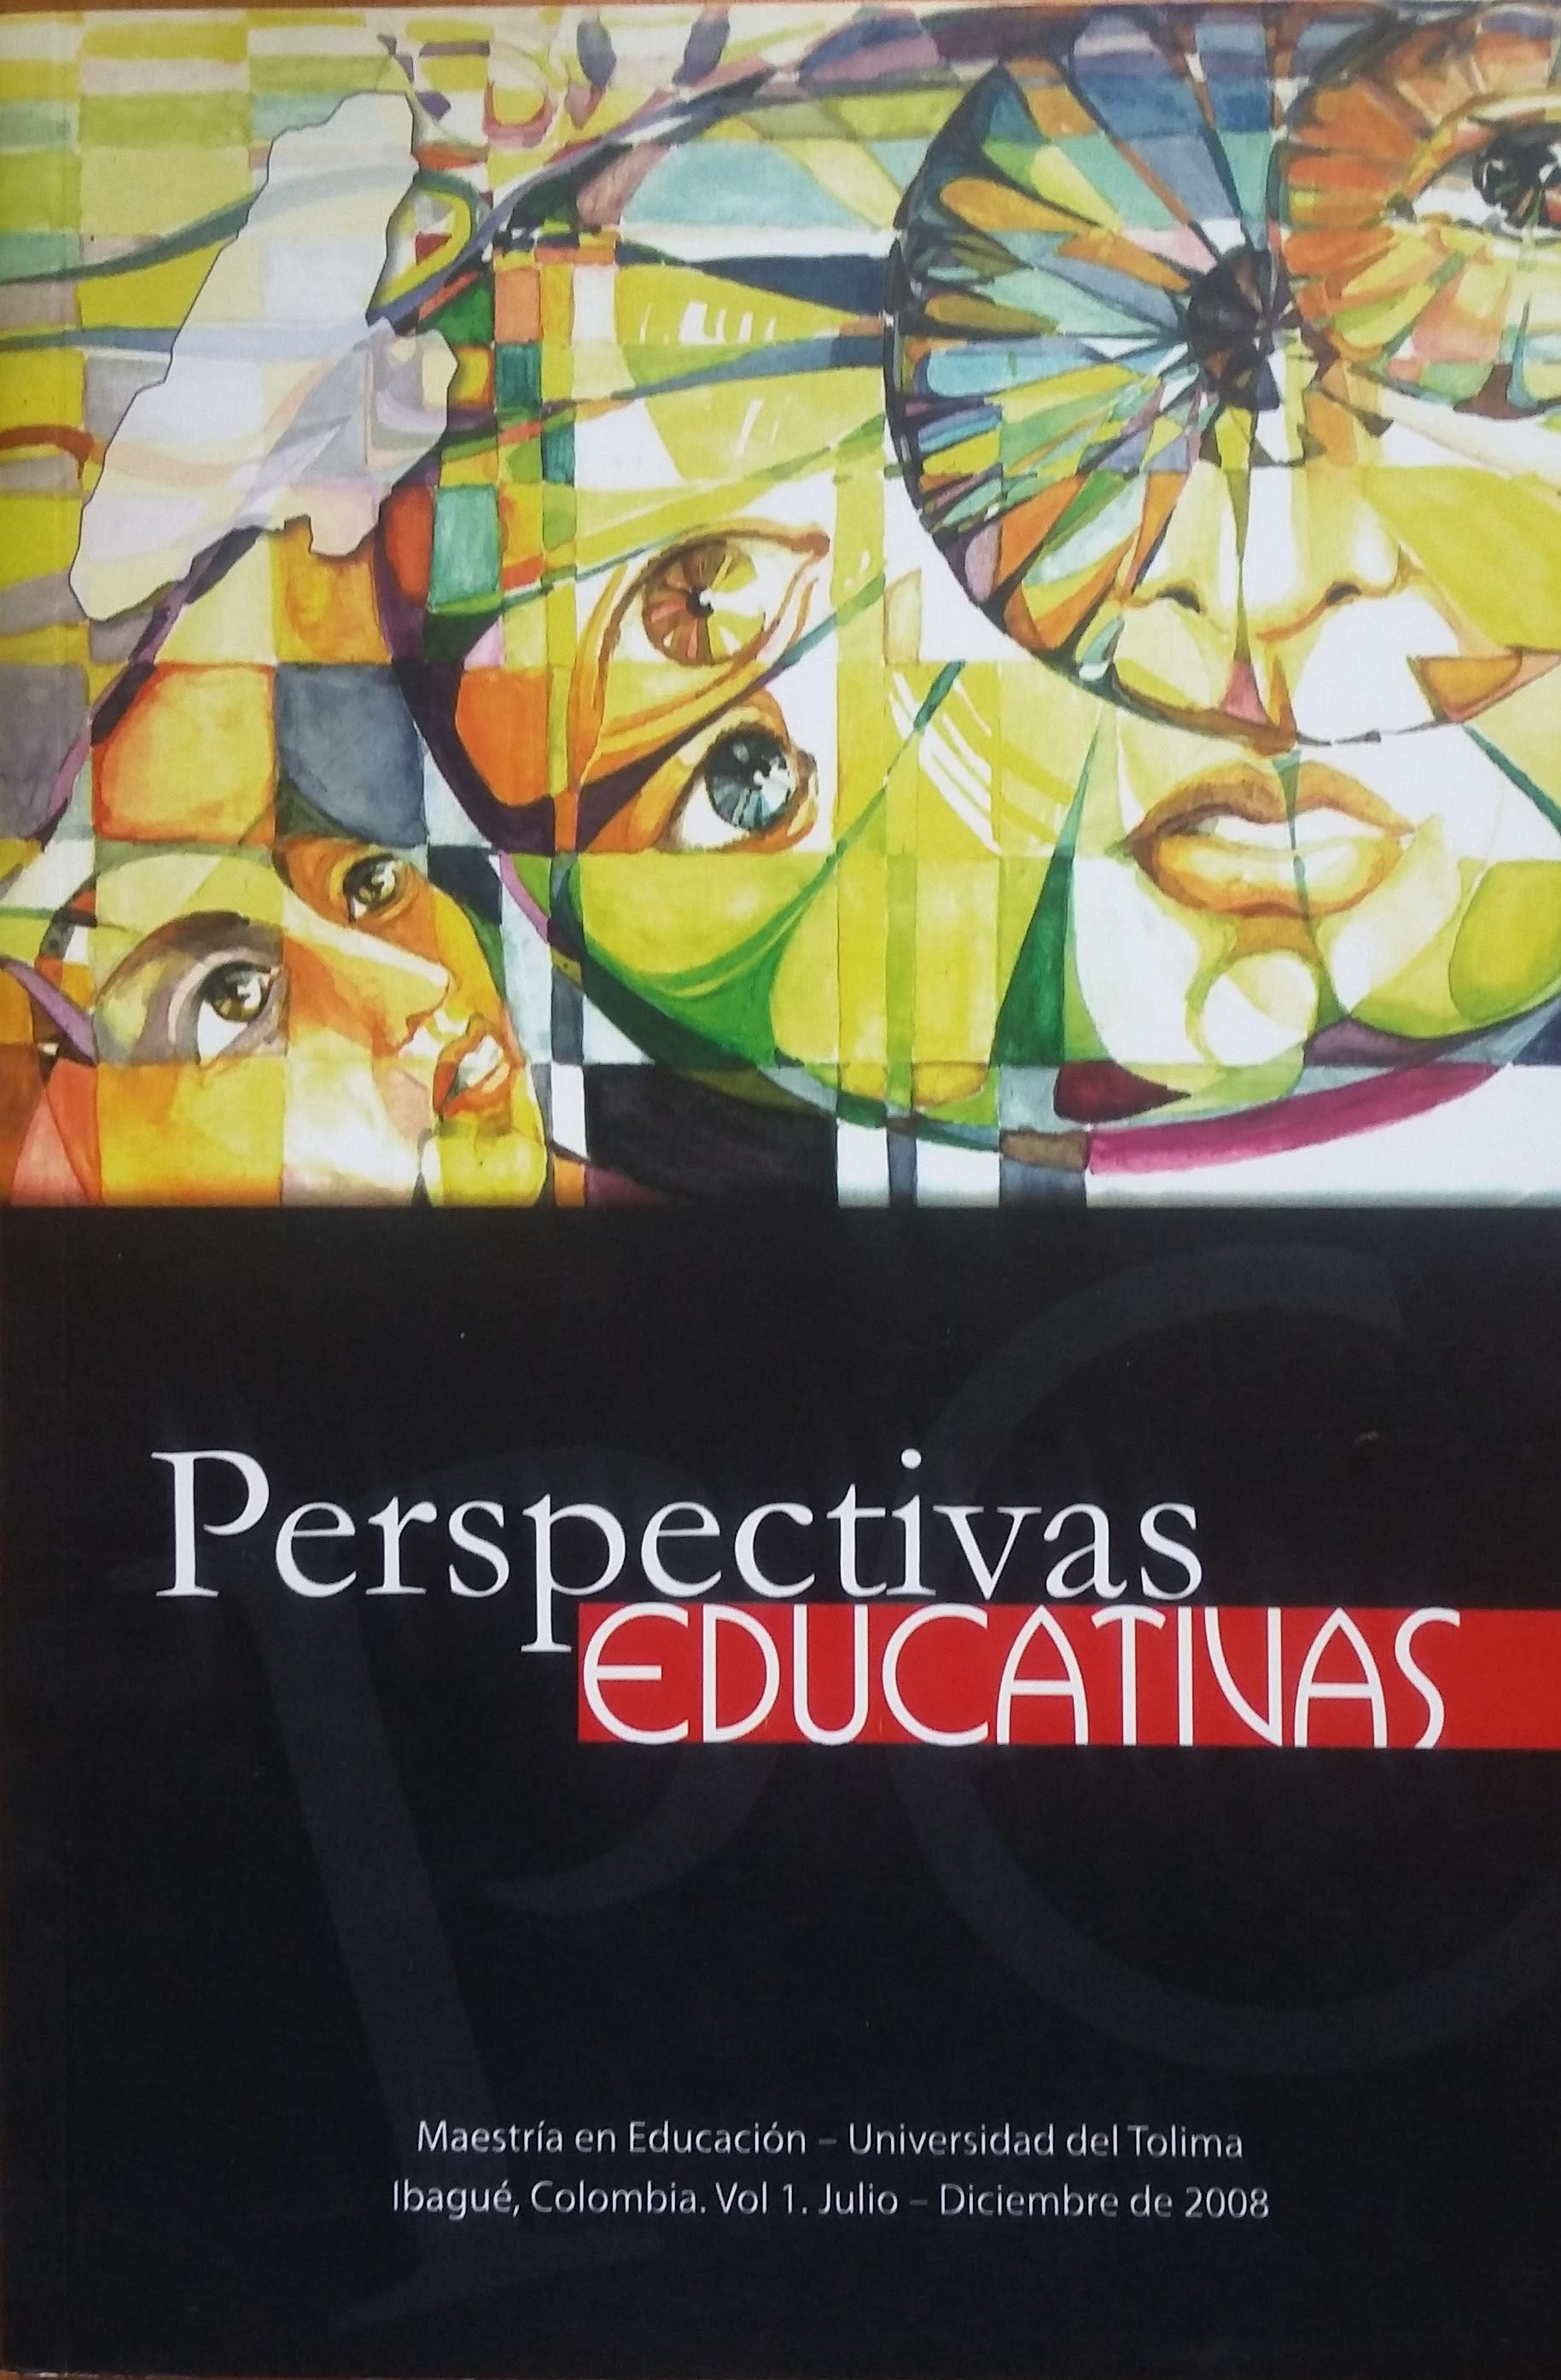 Resultado de imagen para REVISTA PERSPECTIVAS EDUCATIVAS